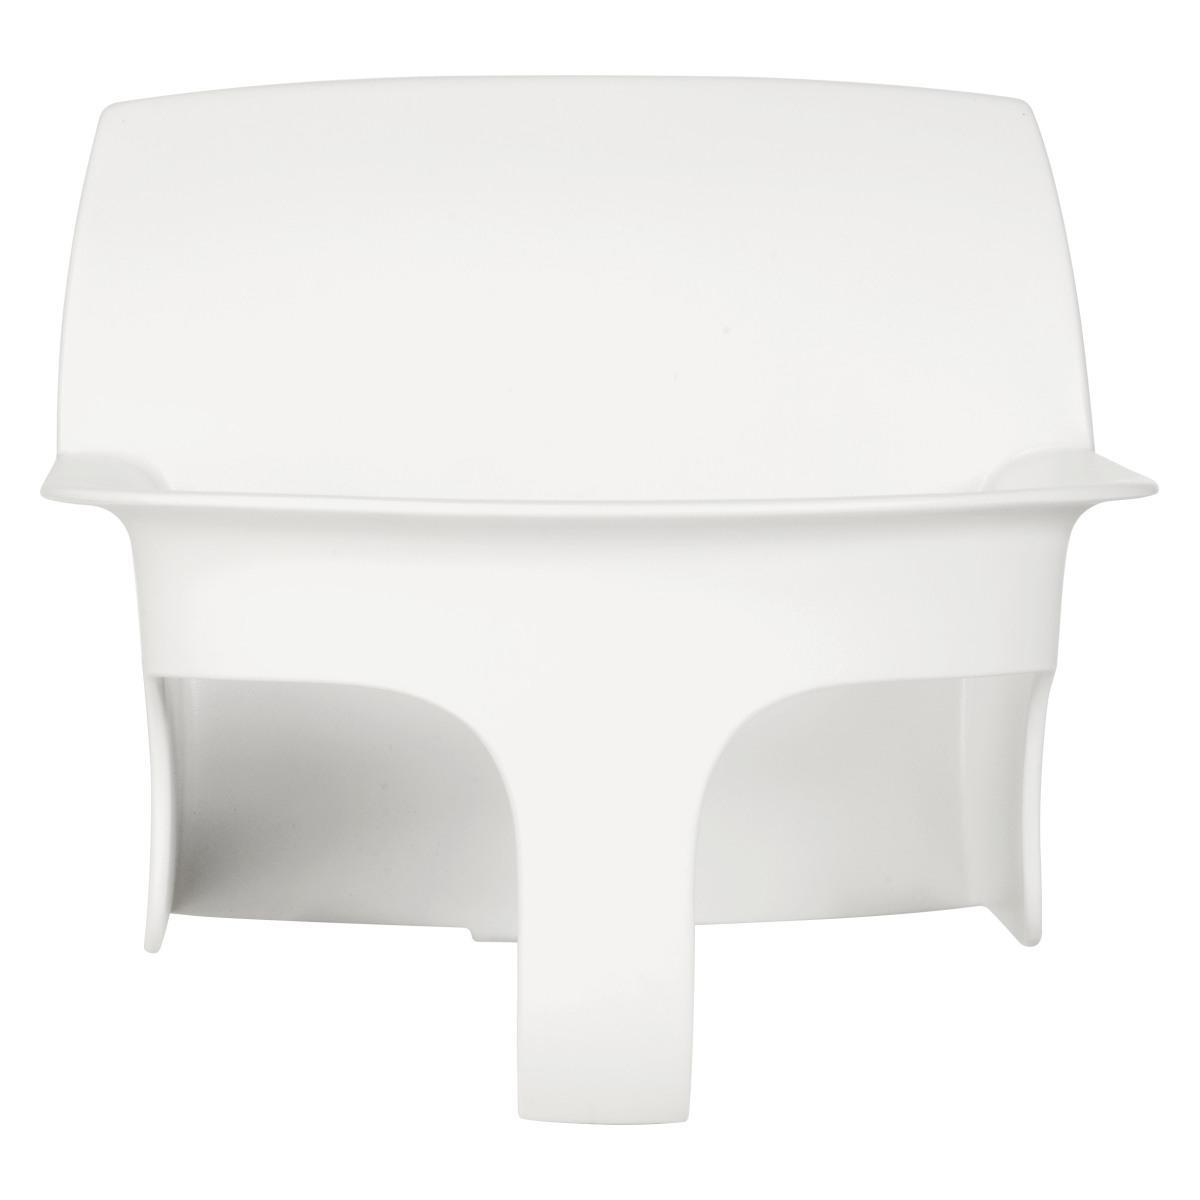 Chaise haute Set Bébé Lemo - Porcelaine White Set Bébé Lemo - Porcelaine White